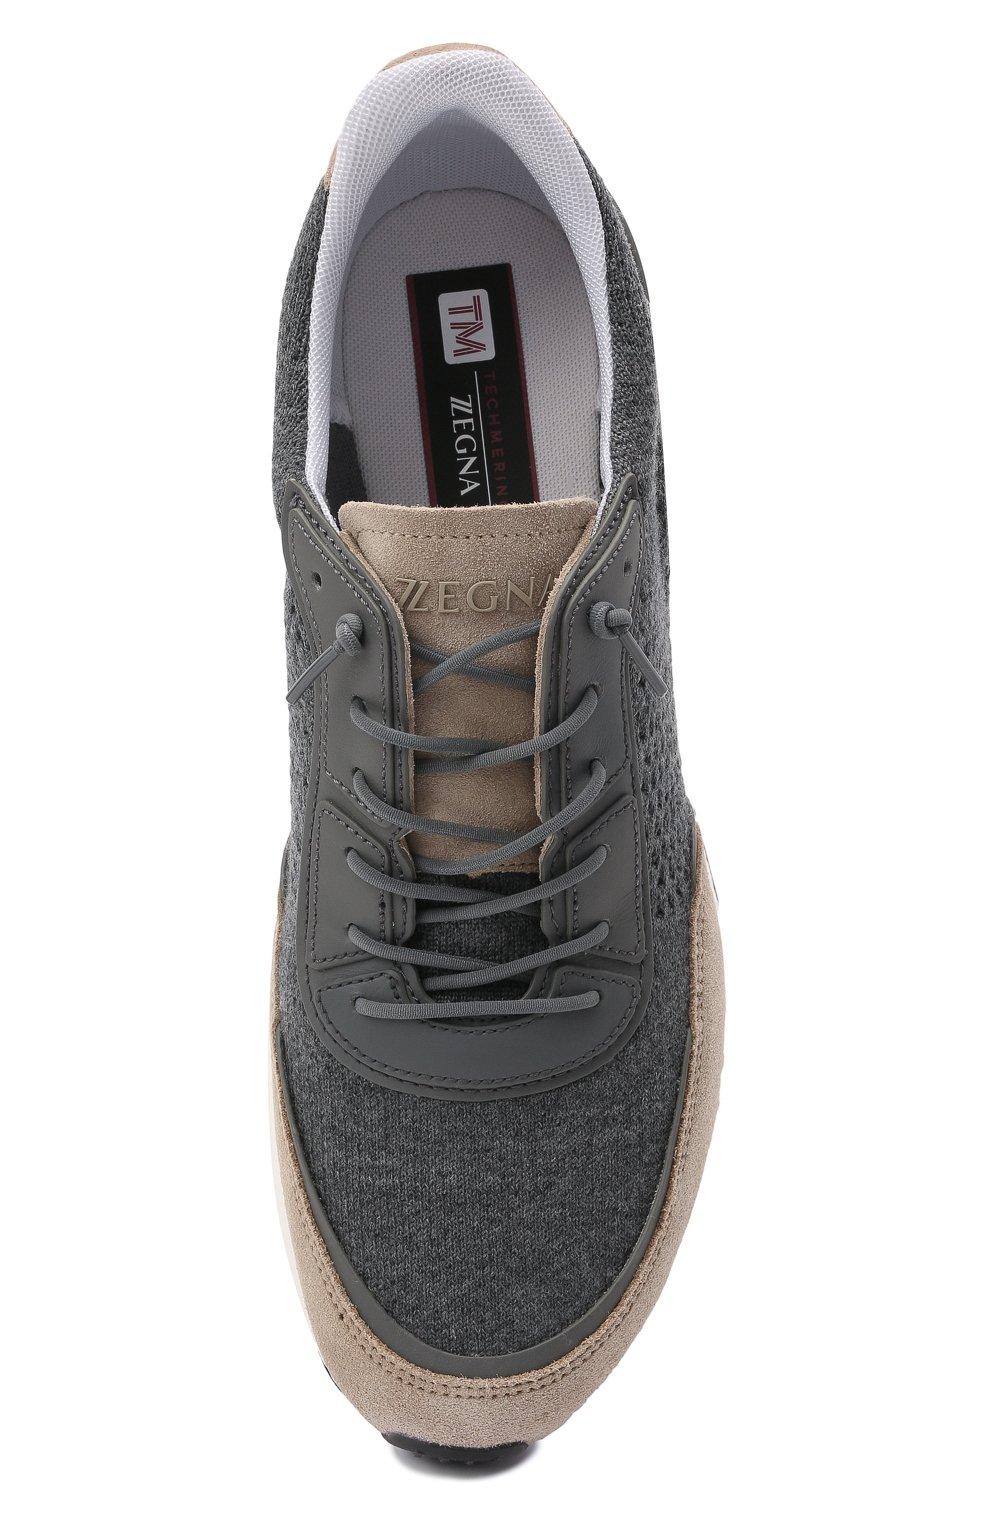 Мужские комбинированные кроссовки piuma Z ZEGNA разноцветного цвета, арт. A5107X-LHCB0   Фото 5 (Материал внешний: Текстиль; Материал внутренний: Текстиль; Подошва: Массивная)